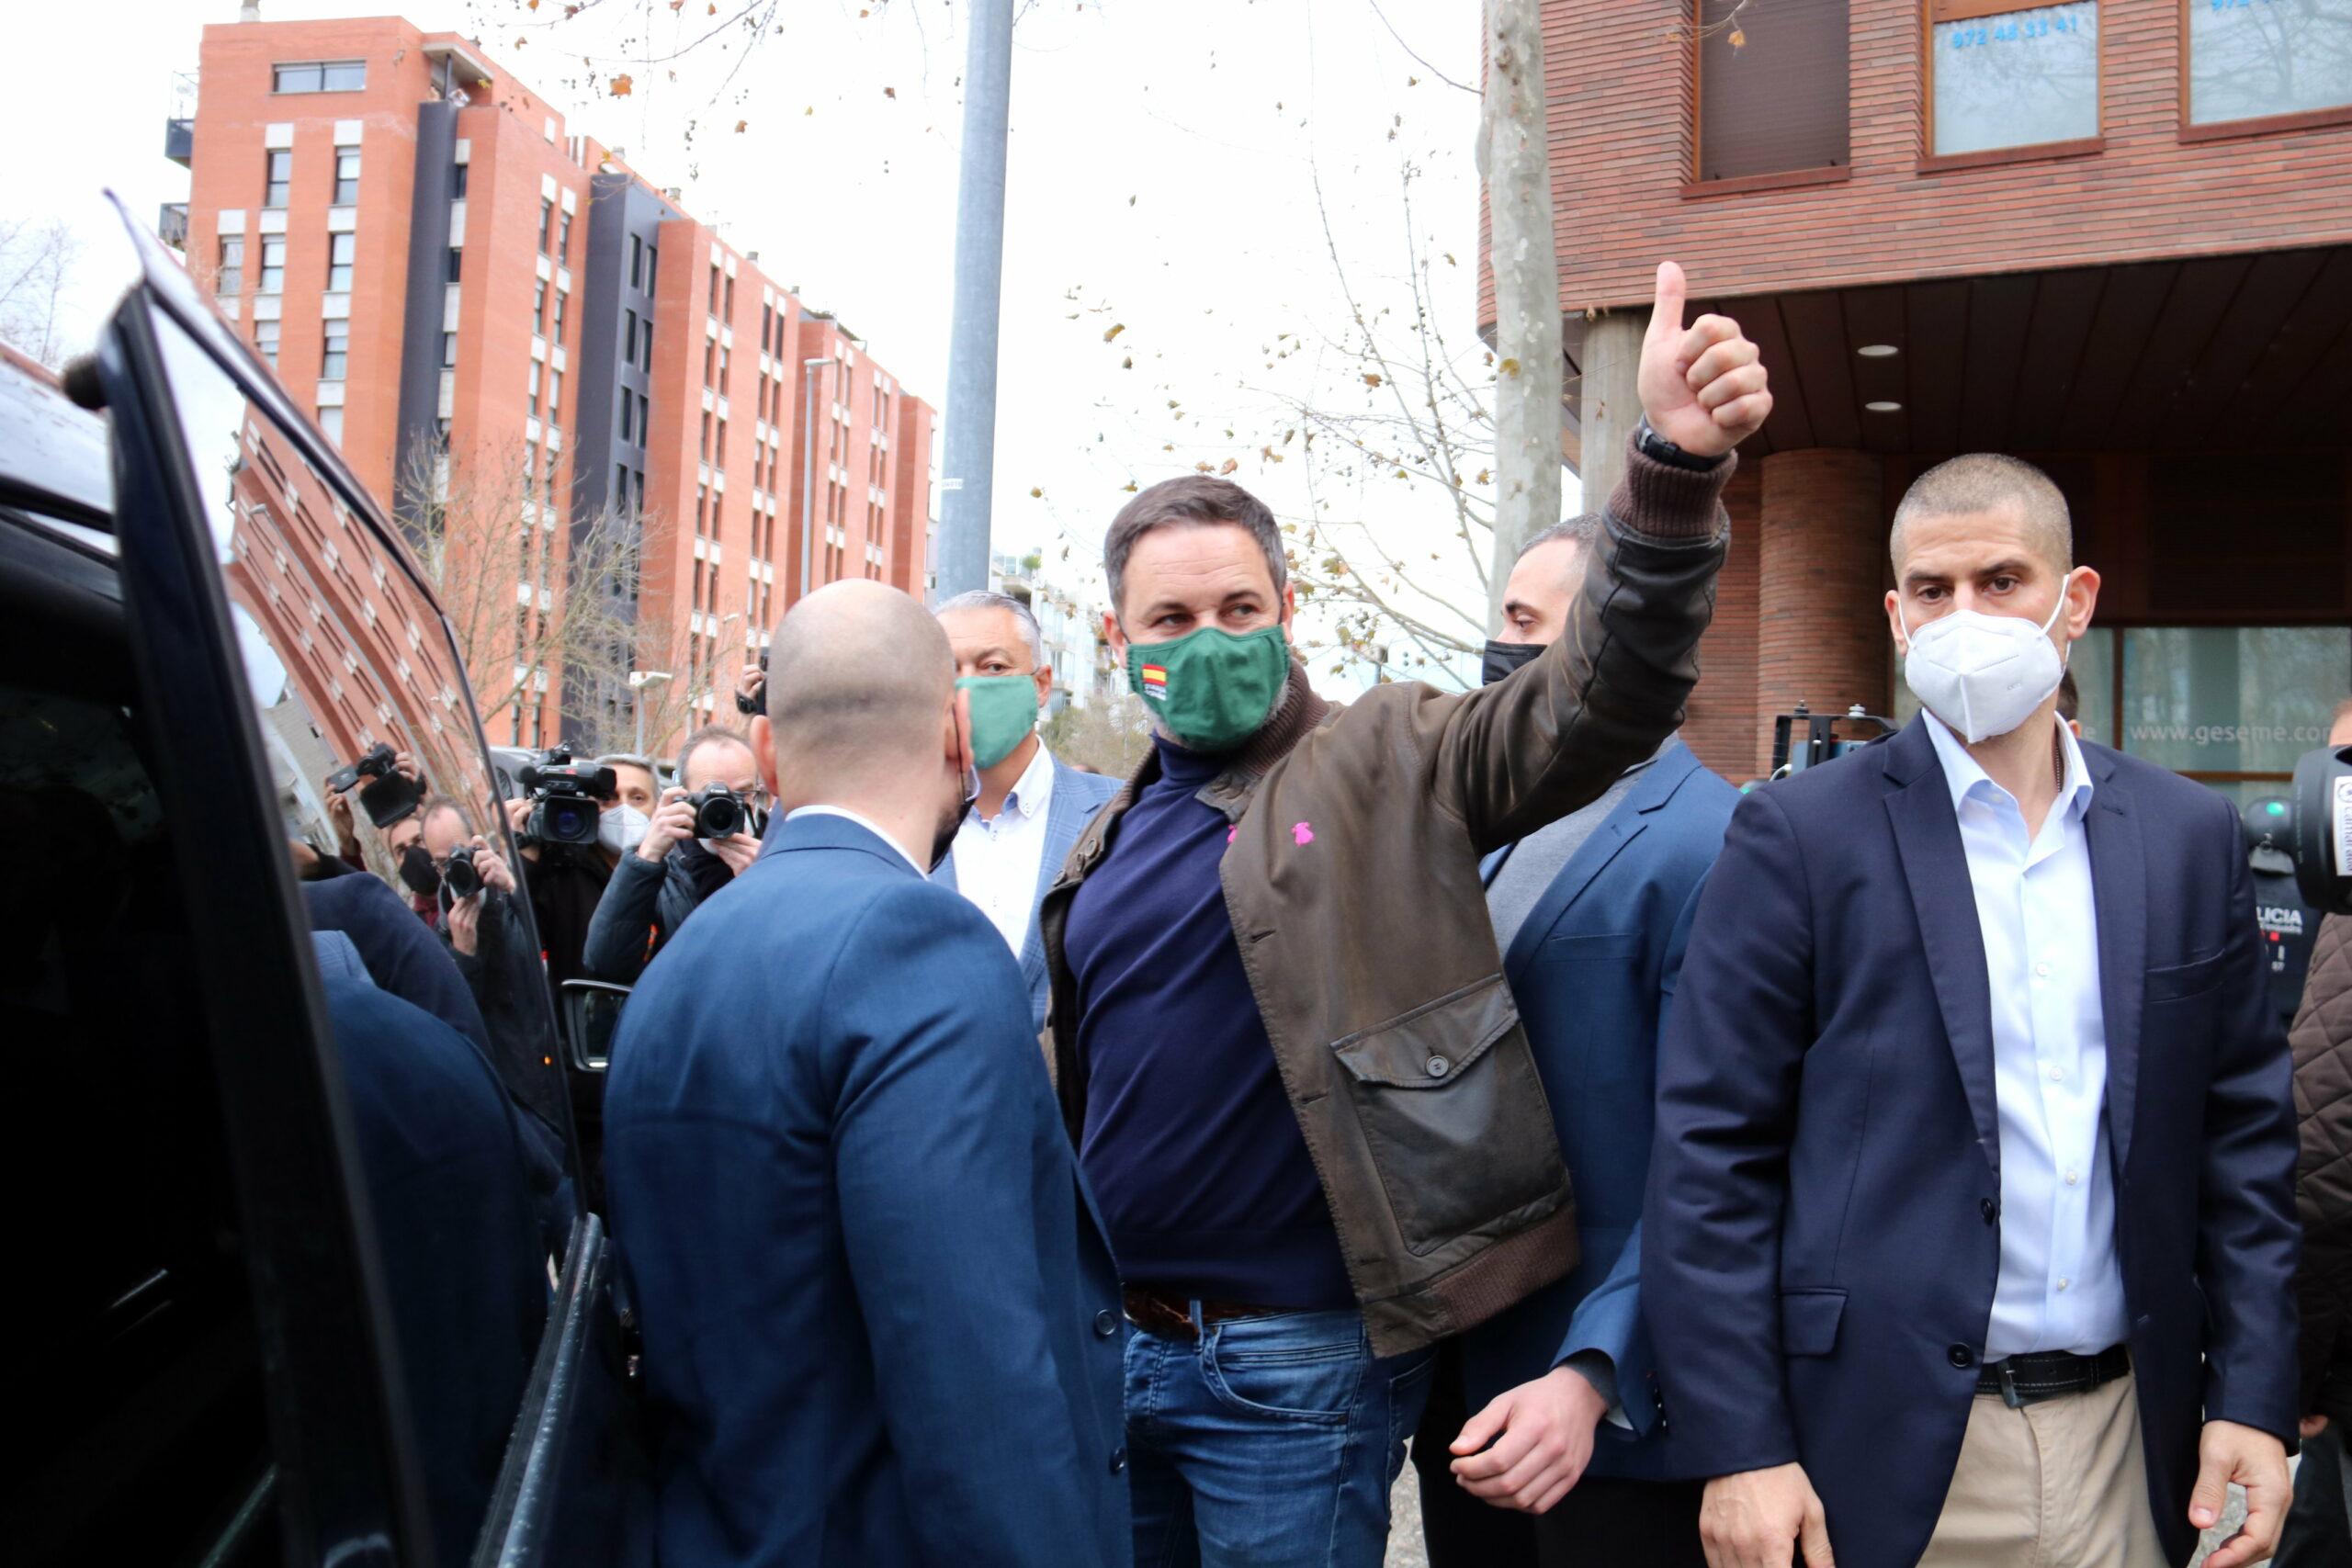 Pla mig del president de Vox, Santiago Abascal, marxant de l'acte de Girona, saludant els seus seguidors. Imatge del 30 de gener de 2021. (Horitzontal)